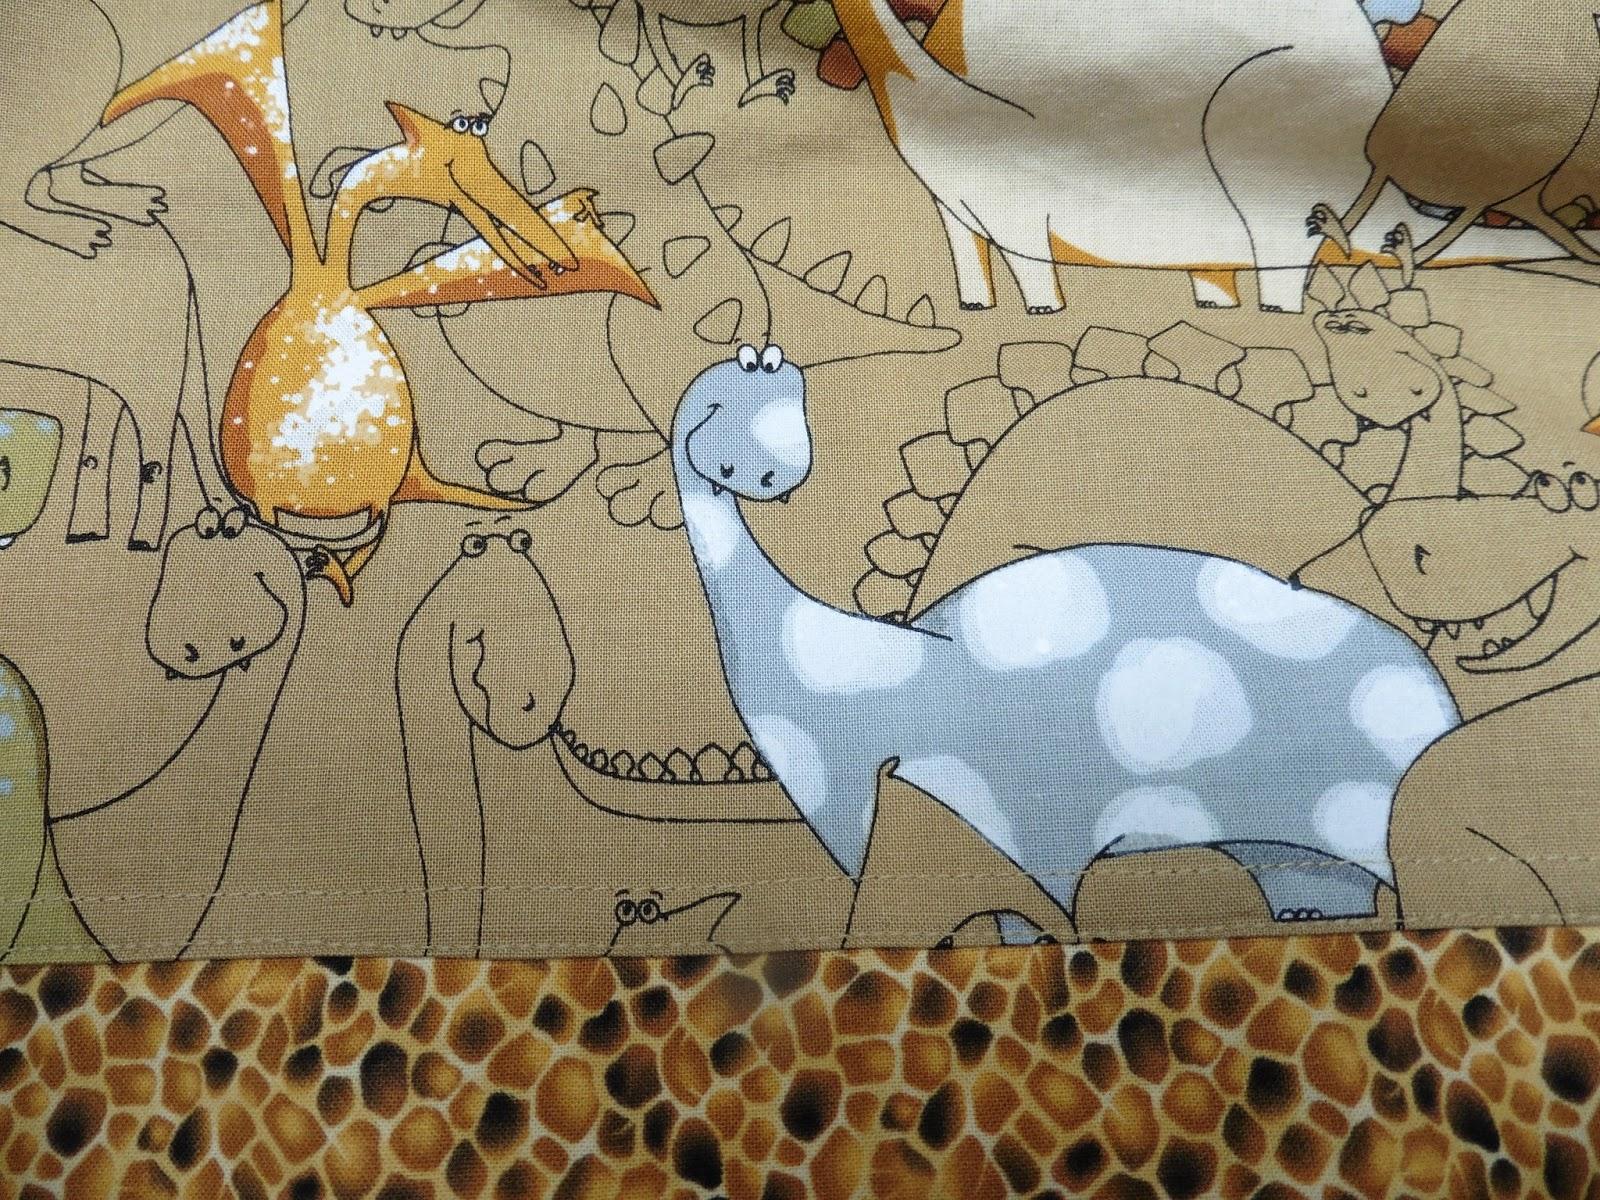 dianeloves2quilt dinosaur crib sheets